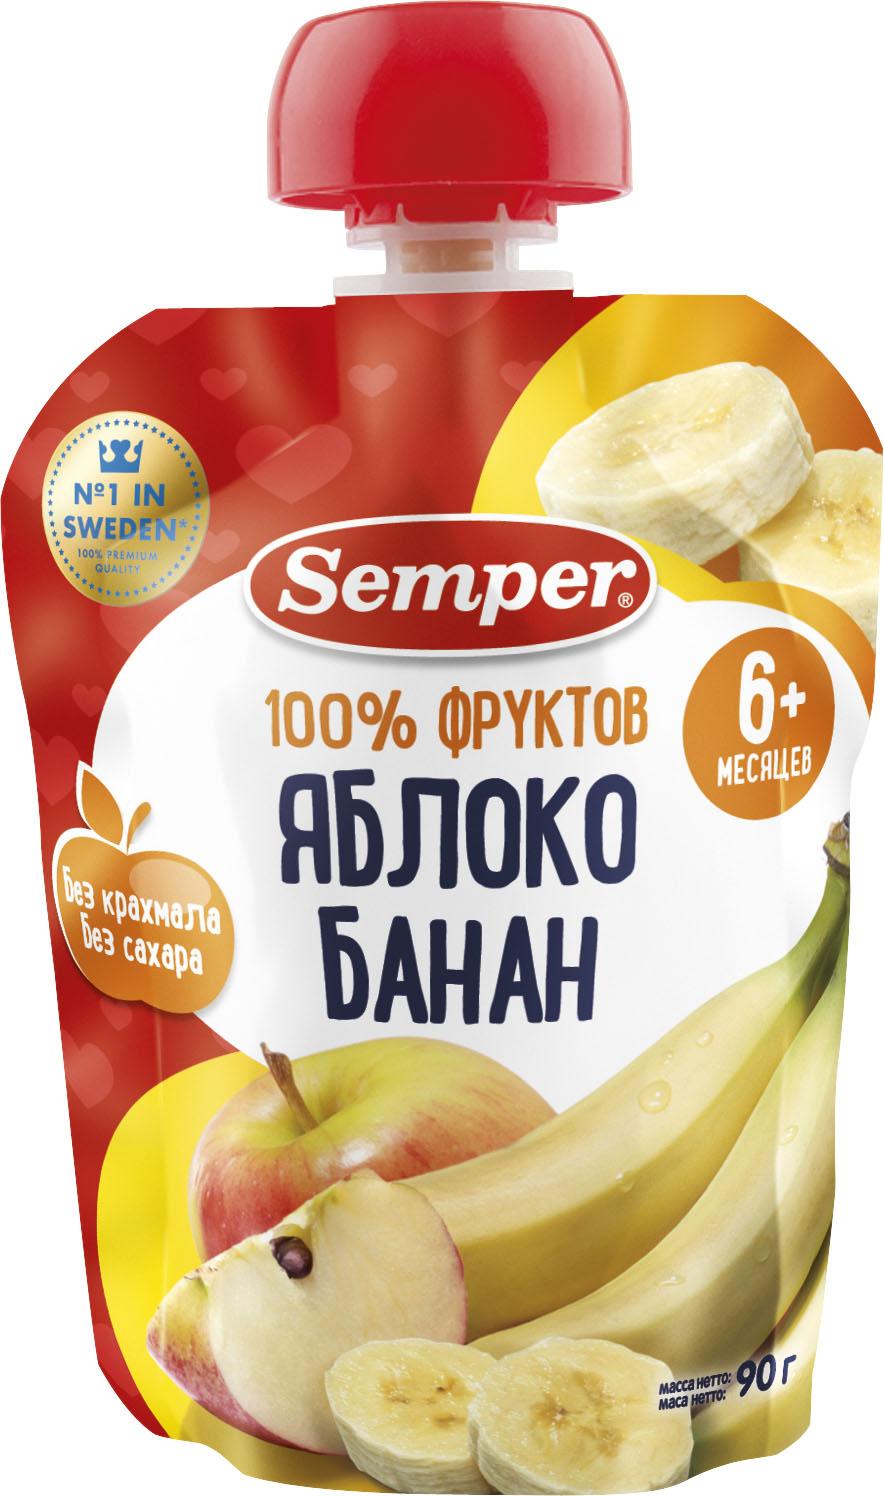 Пюре Semper Пюре Semper Яблоко и банан с 6 мес. 90 г (пауч) яблоко банан с 6 мес 90 гр